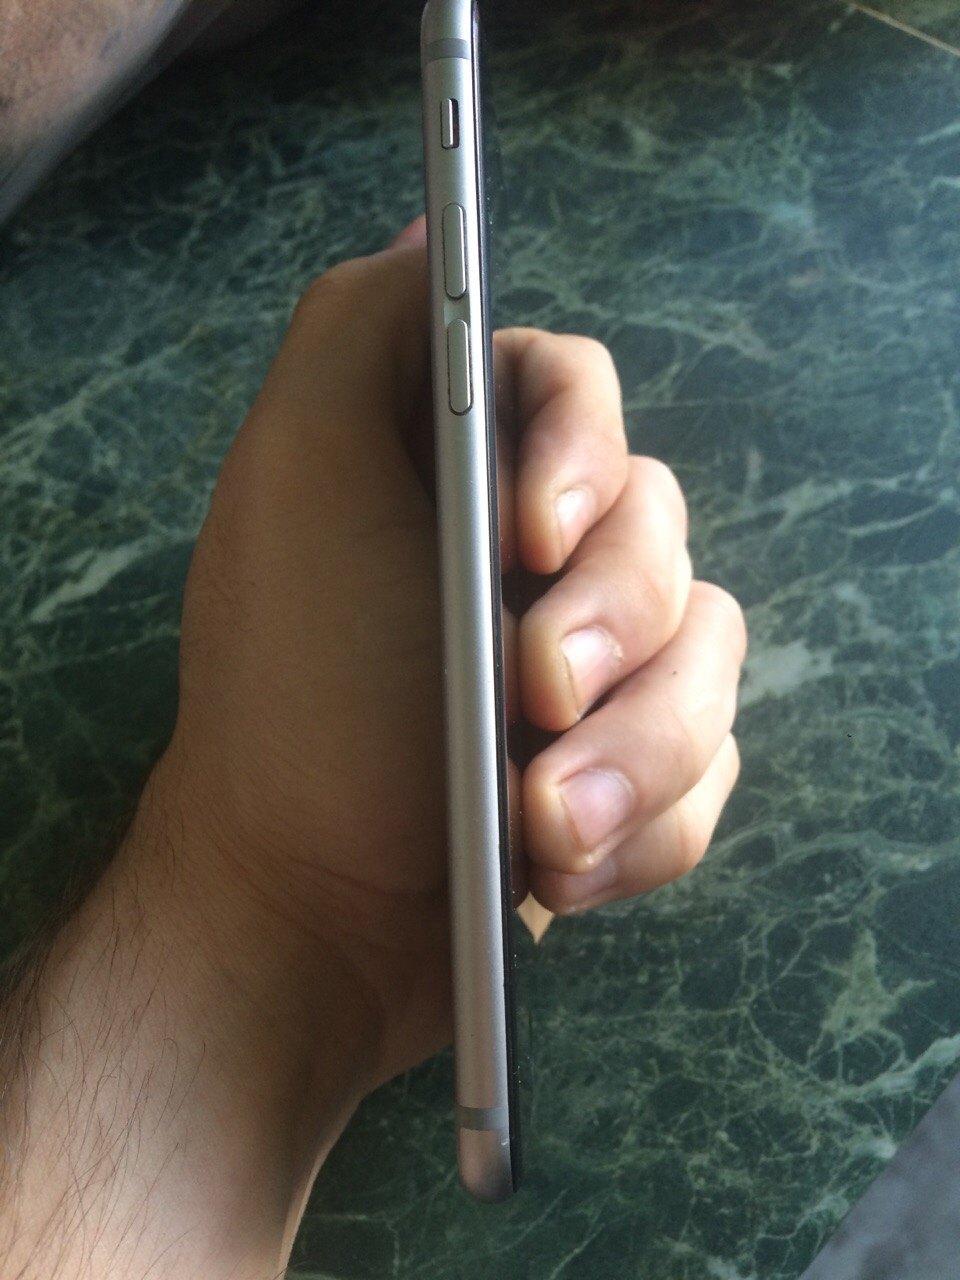 Купить Iphone 6 32gb.всё работает  в идеальном | Объявления Орска и Новотроицка №1360